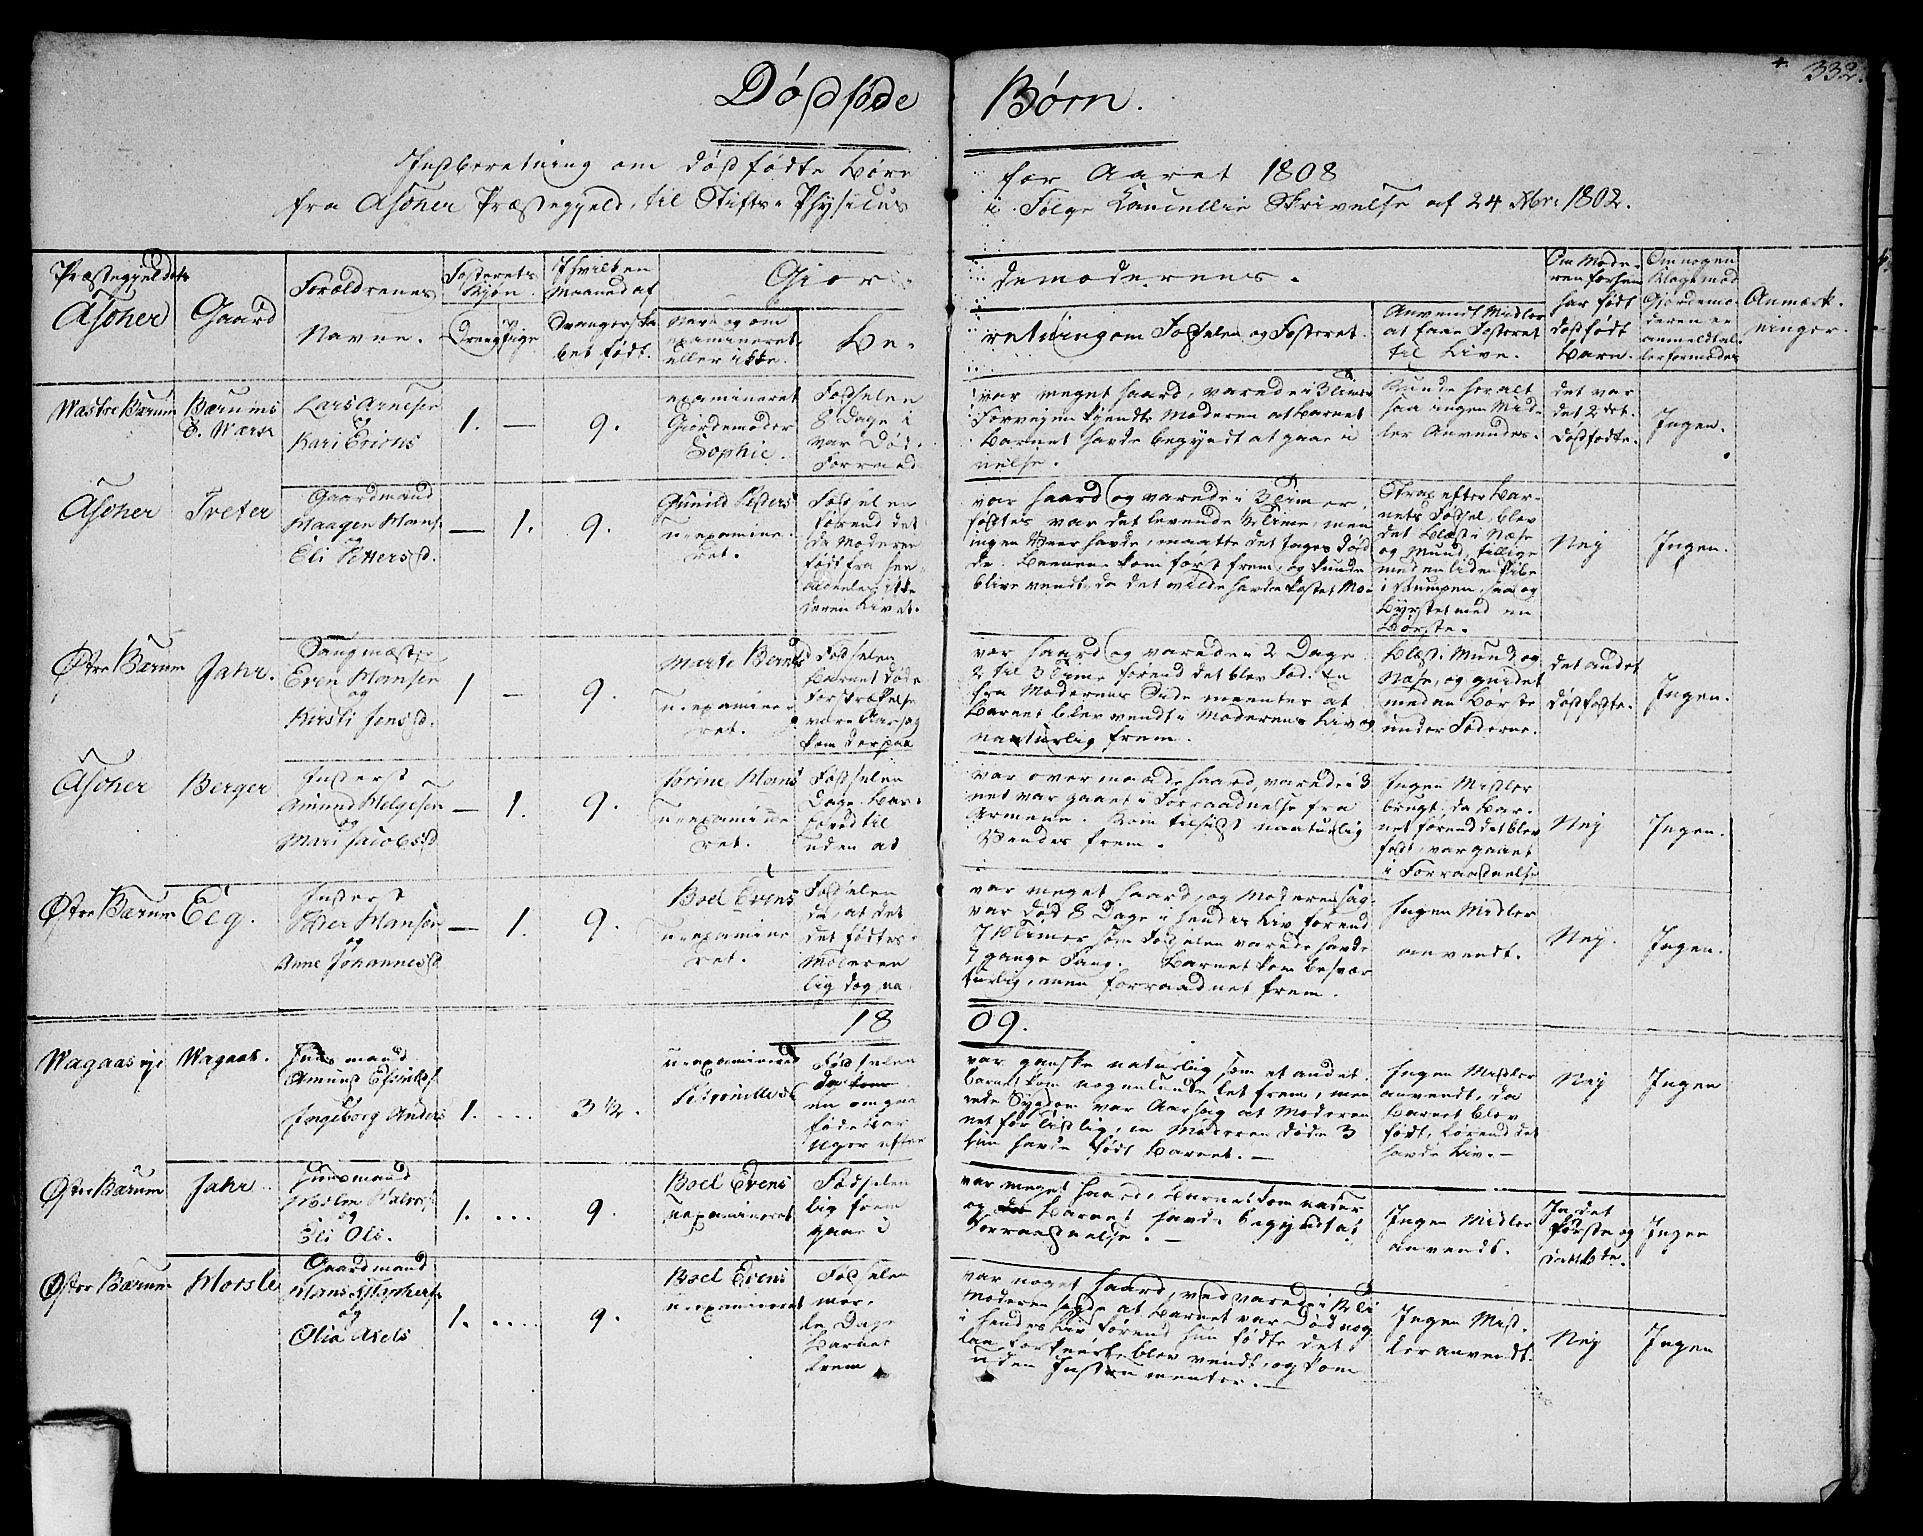 SAO, Asker prestekontor Kirkebøker, F/Fa/L0005: Ministerialbok nr. I 5, 1807-1813, s. 332